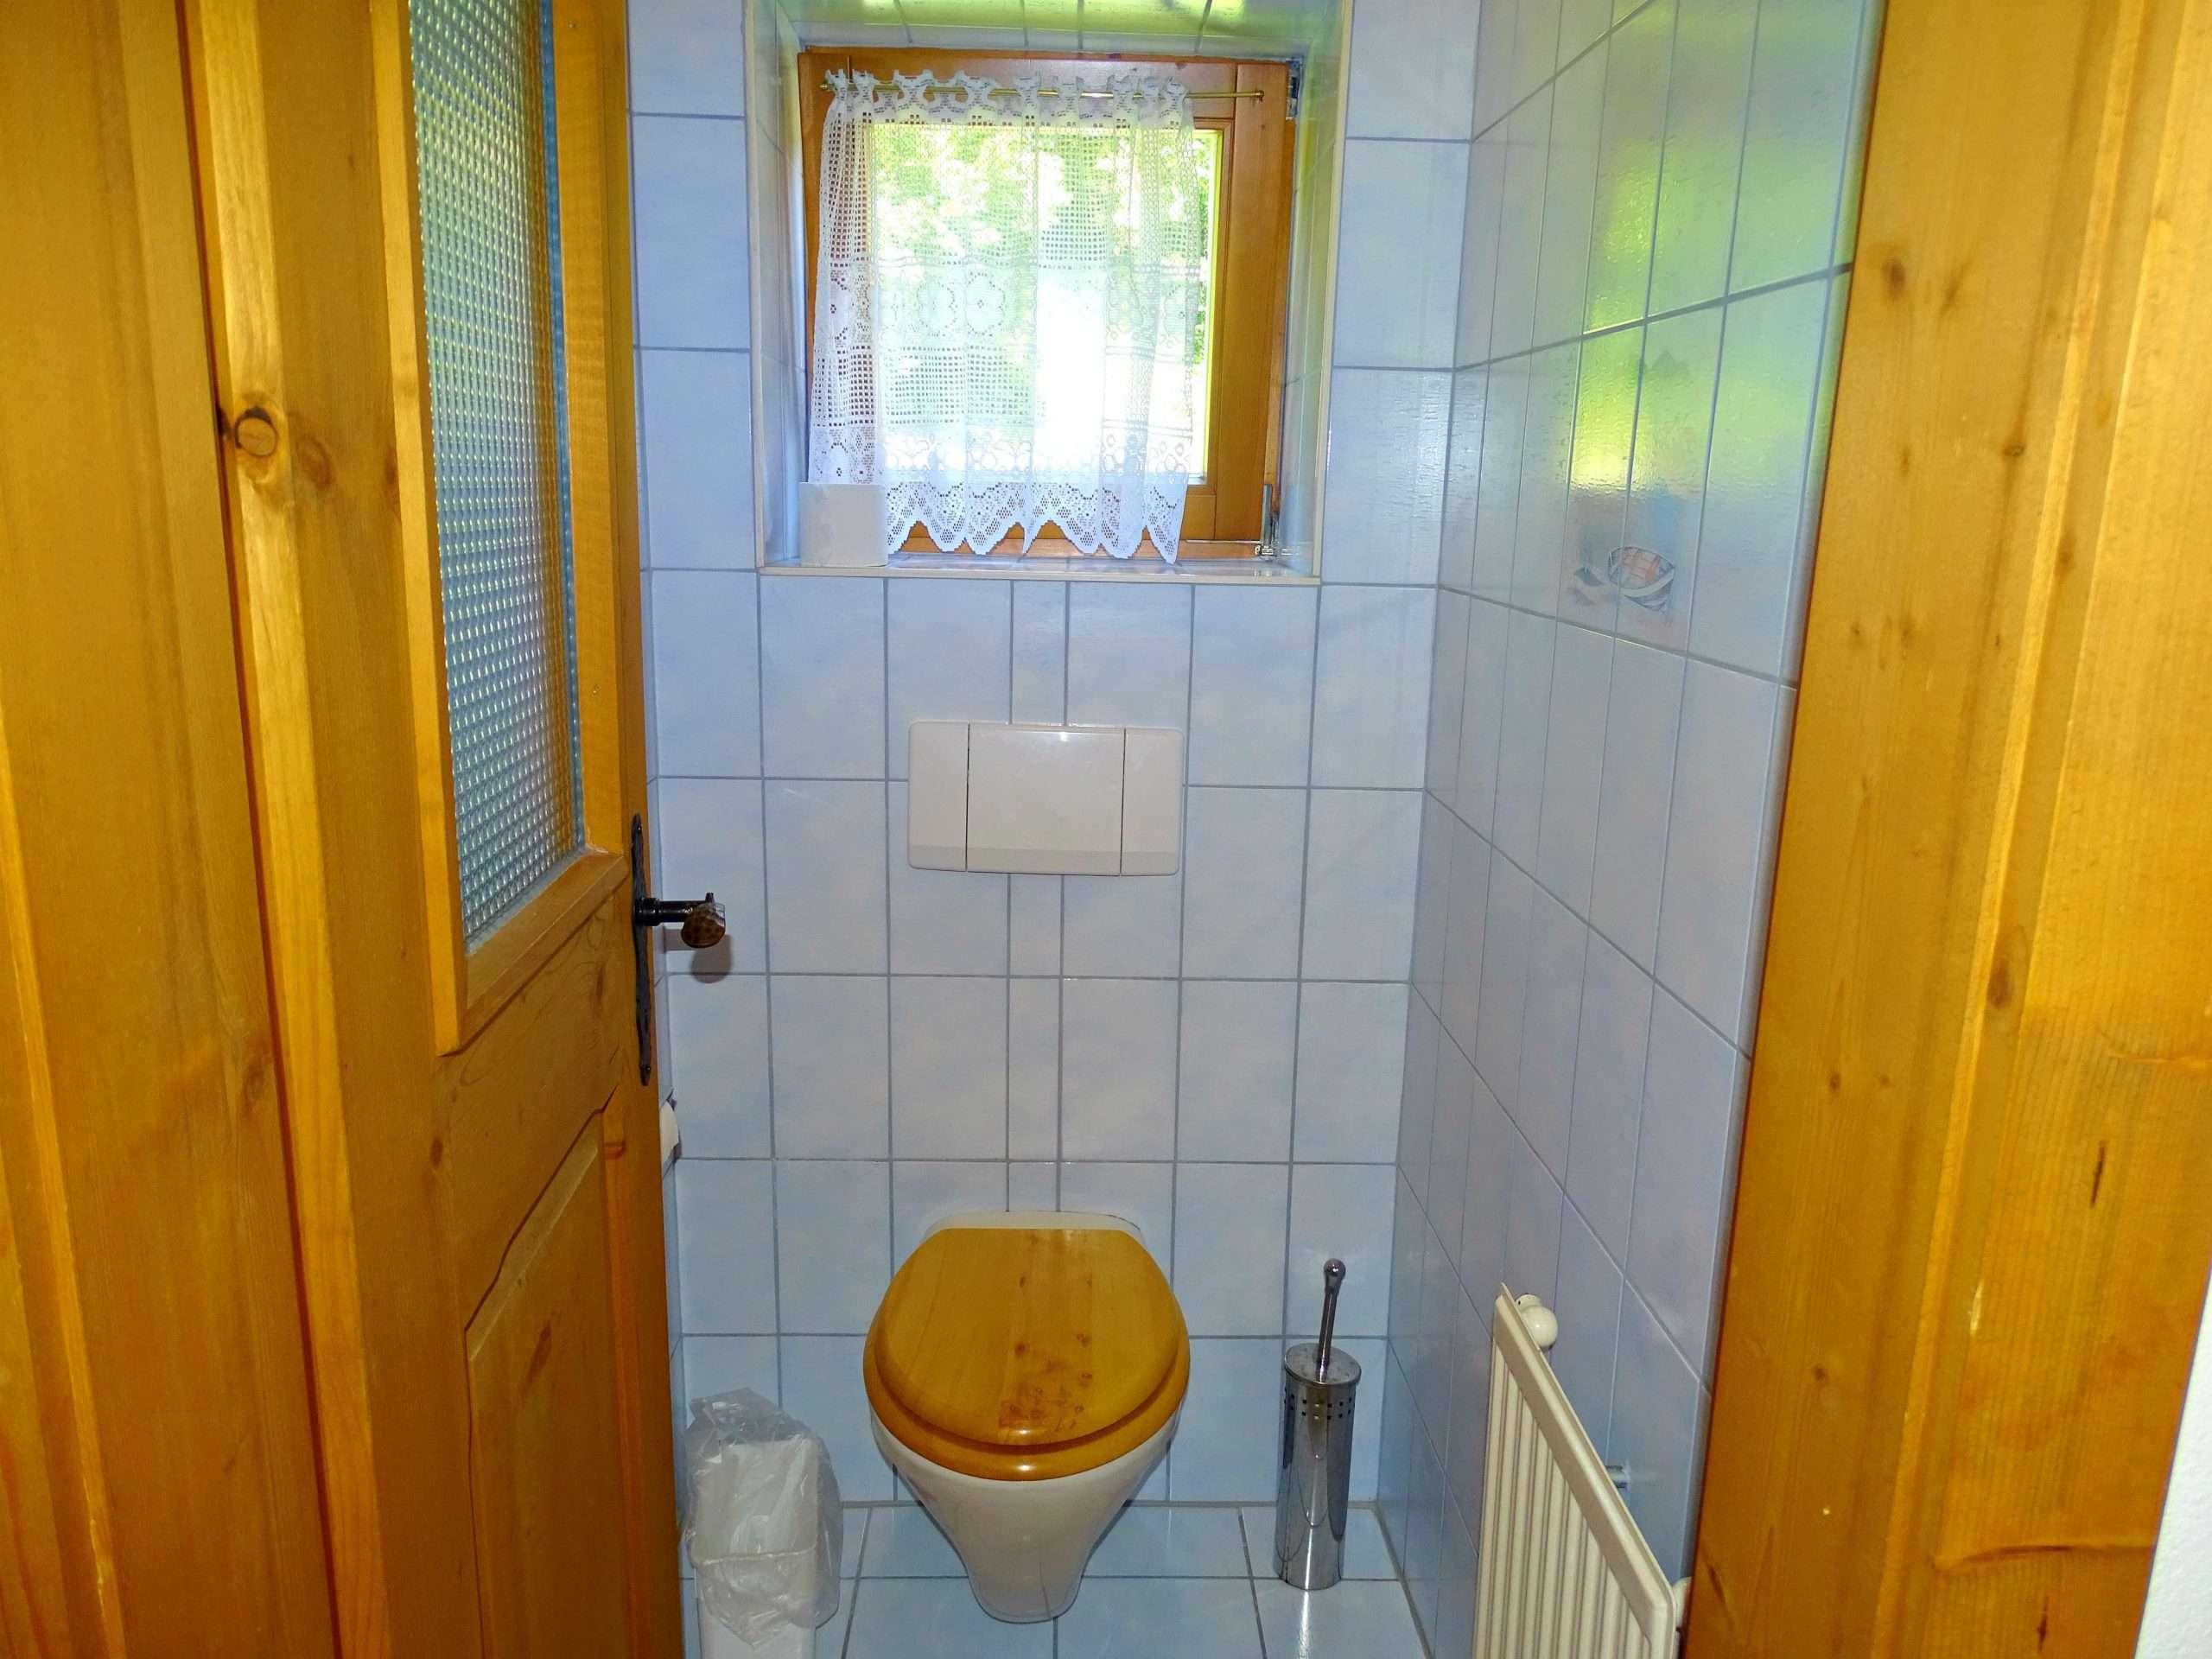 Aberg toilet, Haus Schneeberg, Hochkoenig